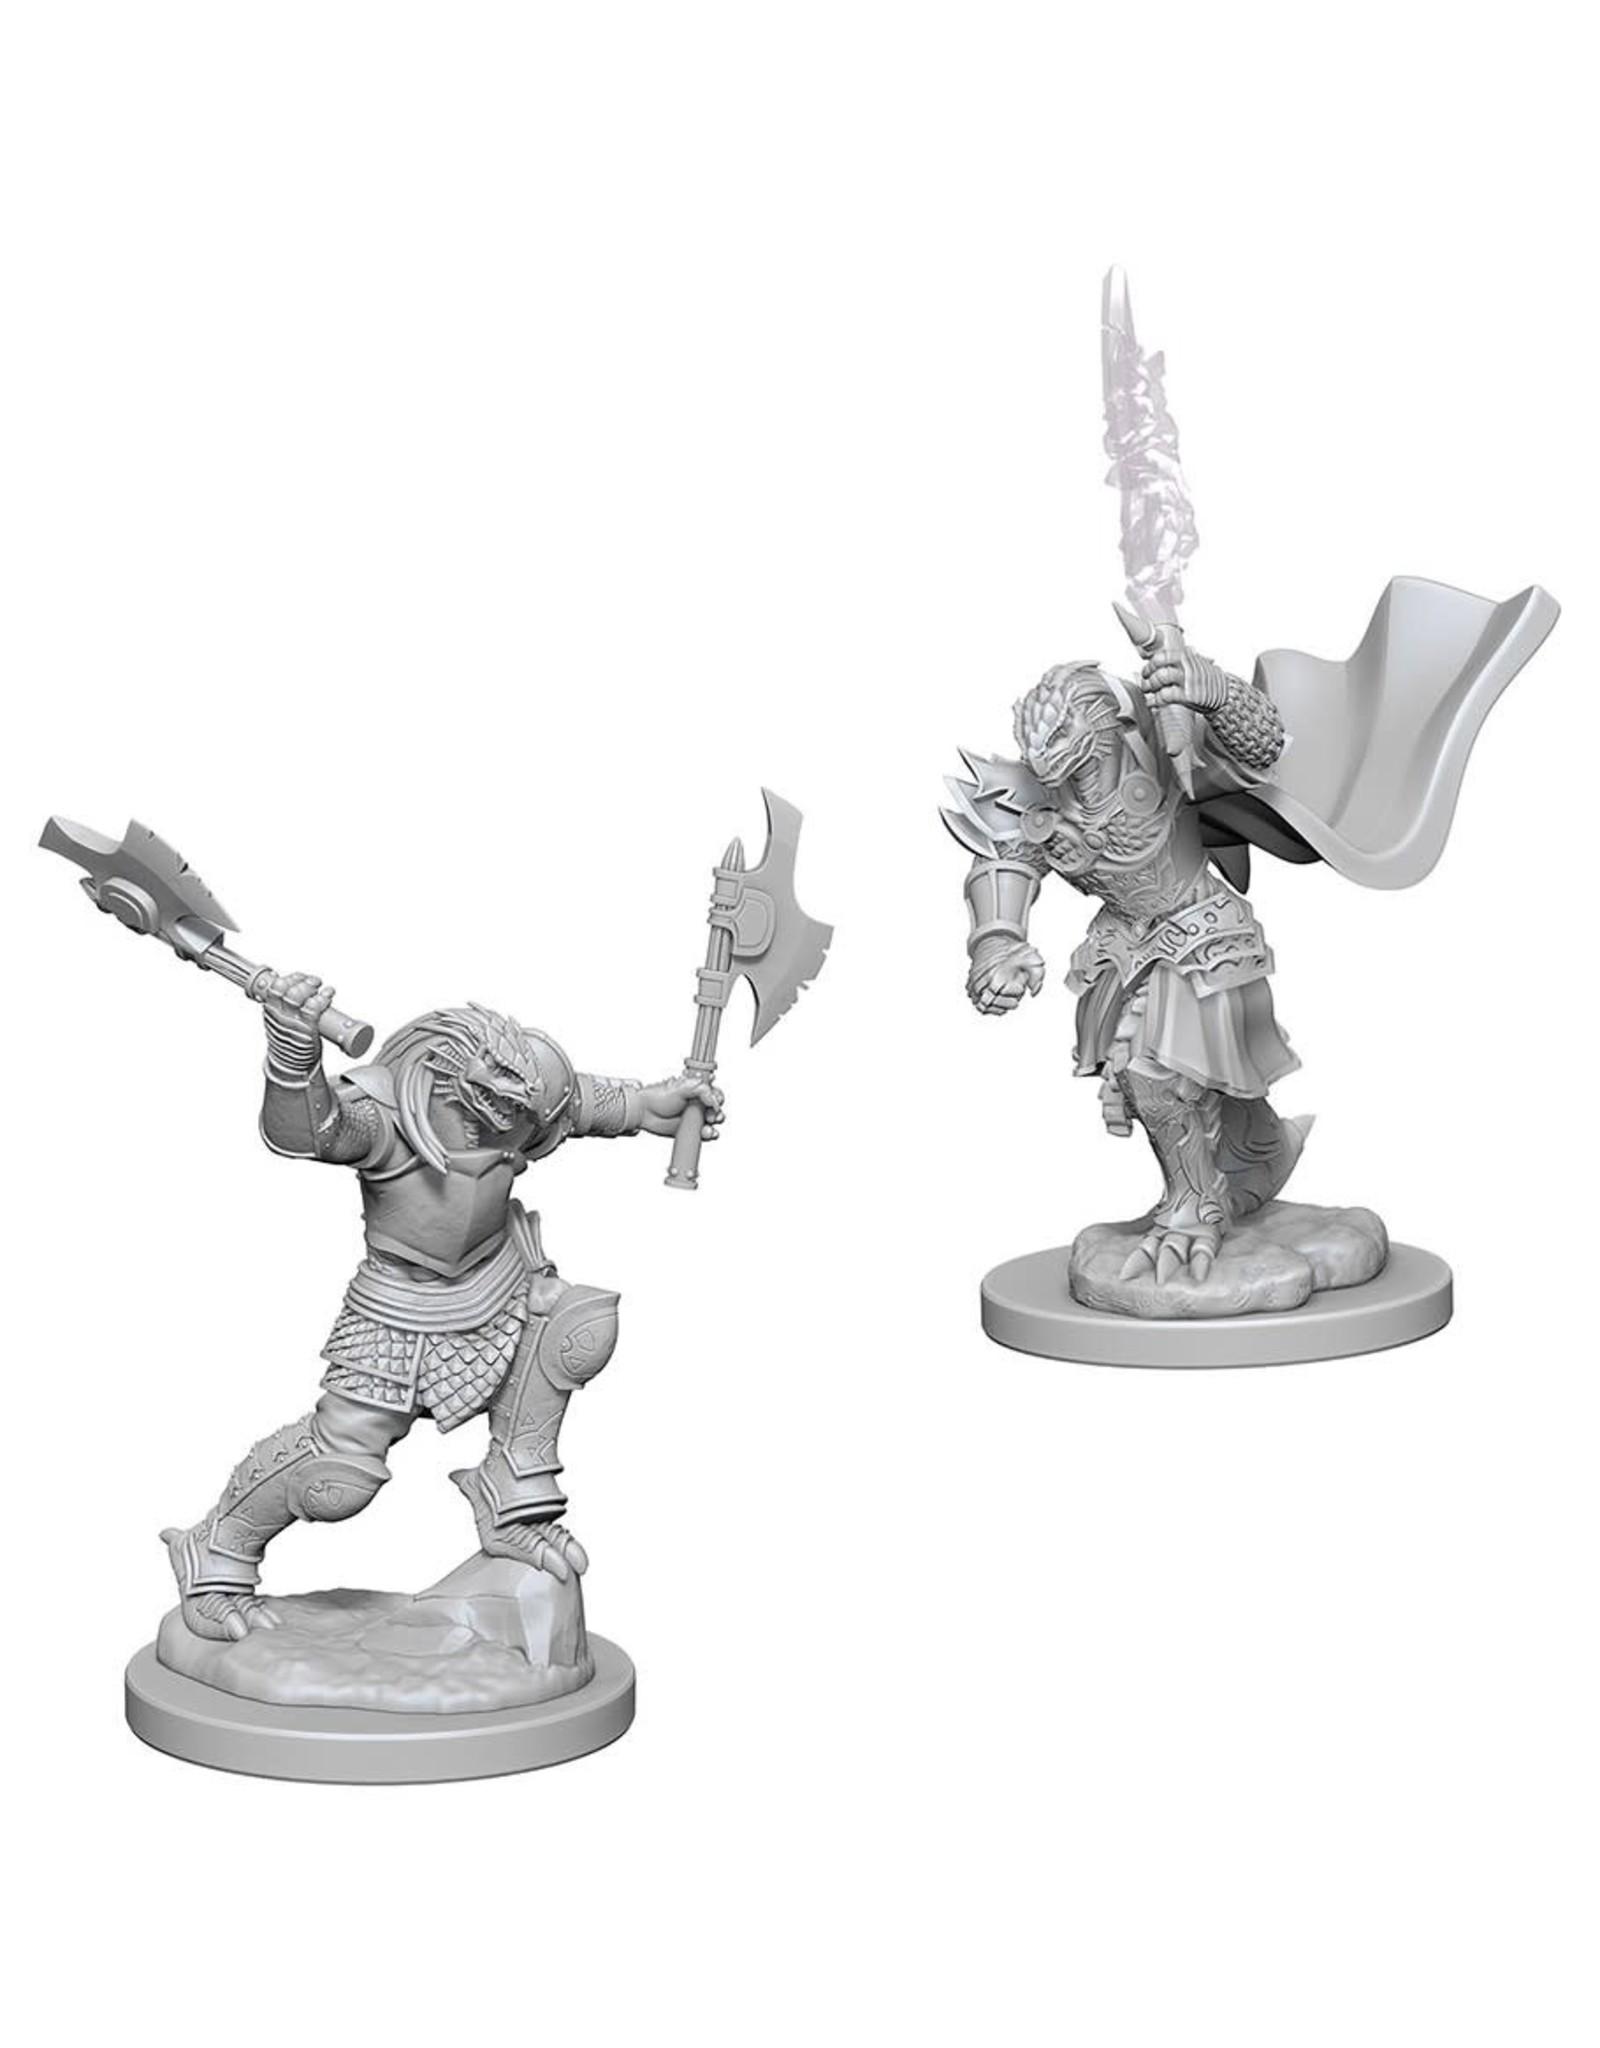 WizKids D&D Minis Nolzur's Marvelous Miniatures Dragonborn Female Fighter (Unpainted)